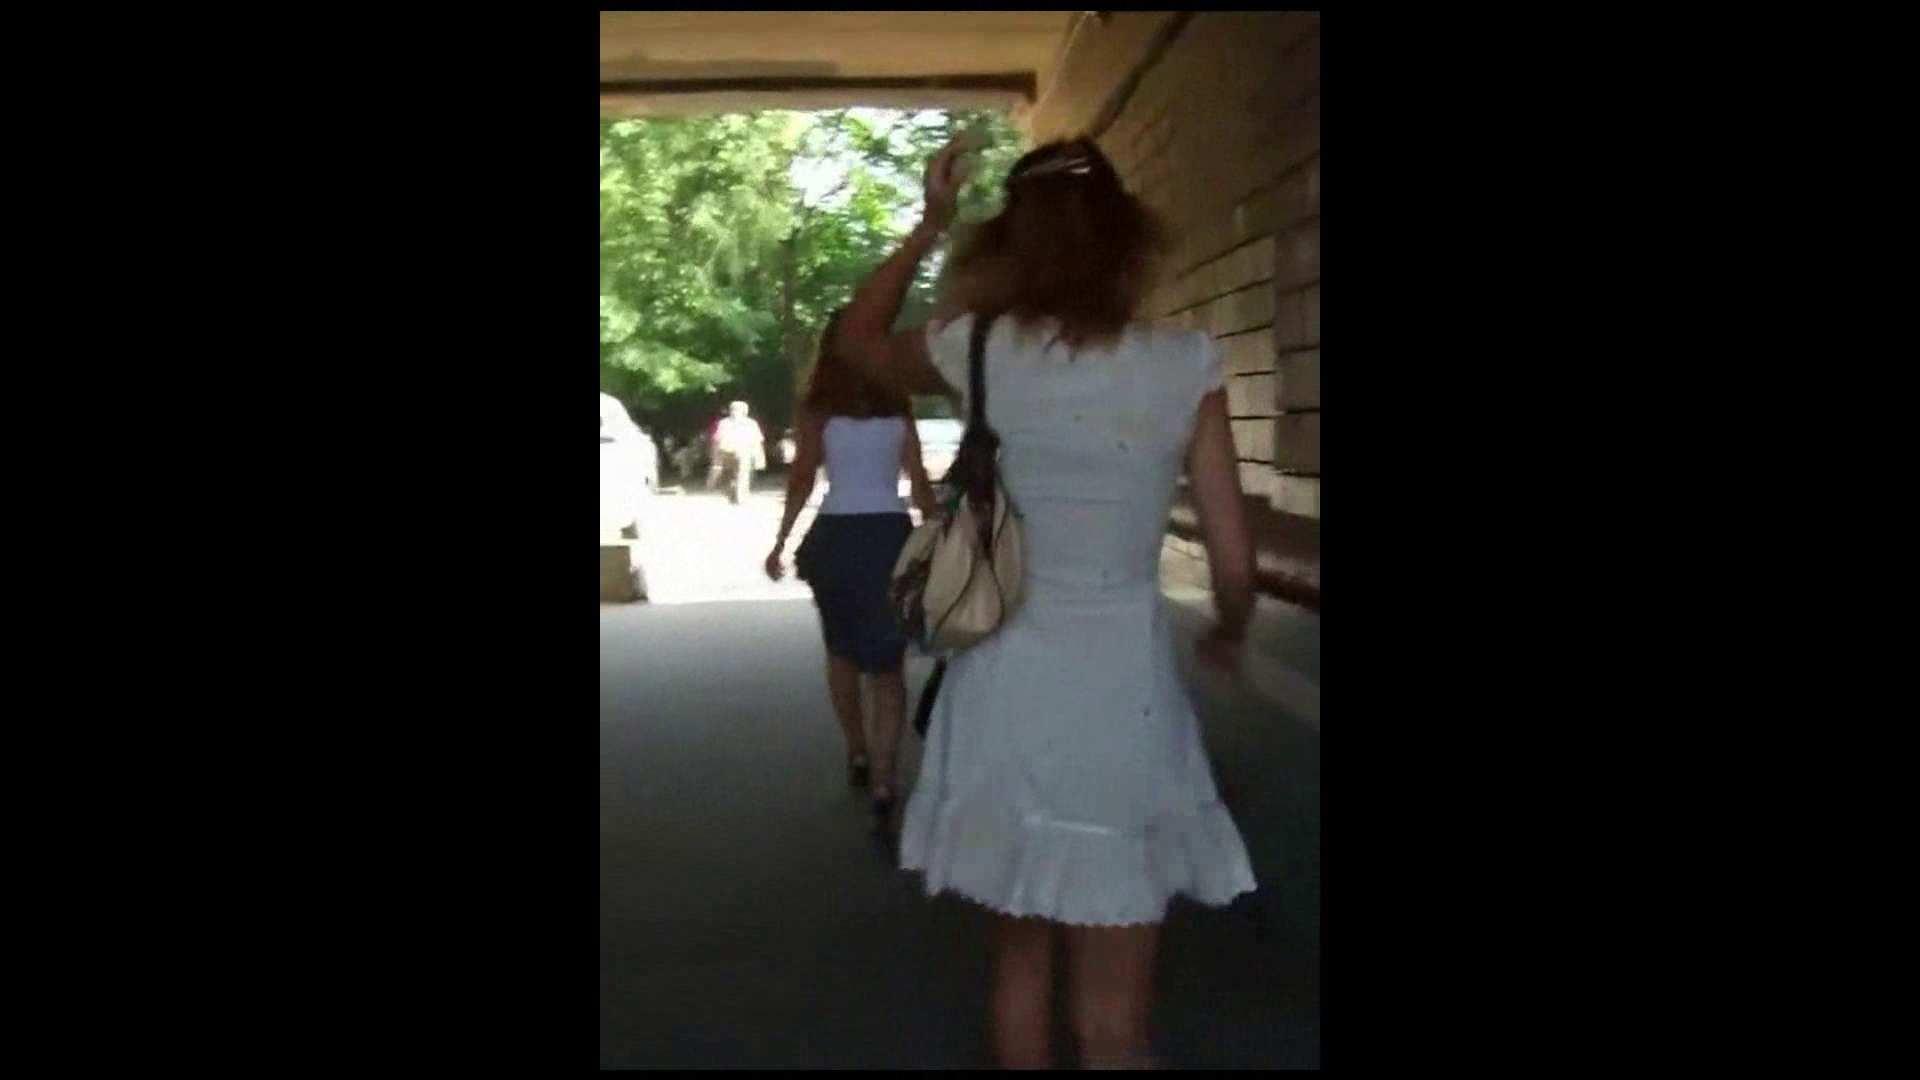 綺麗なモデルさんのスカート捲っちゃおう‼vol03 HなOL われめAV動画紹介 98pic 66